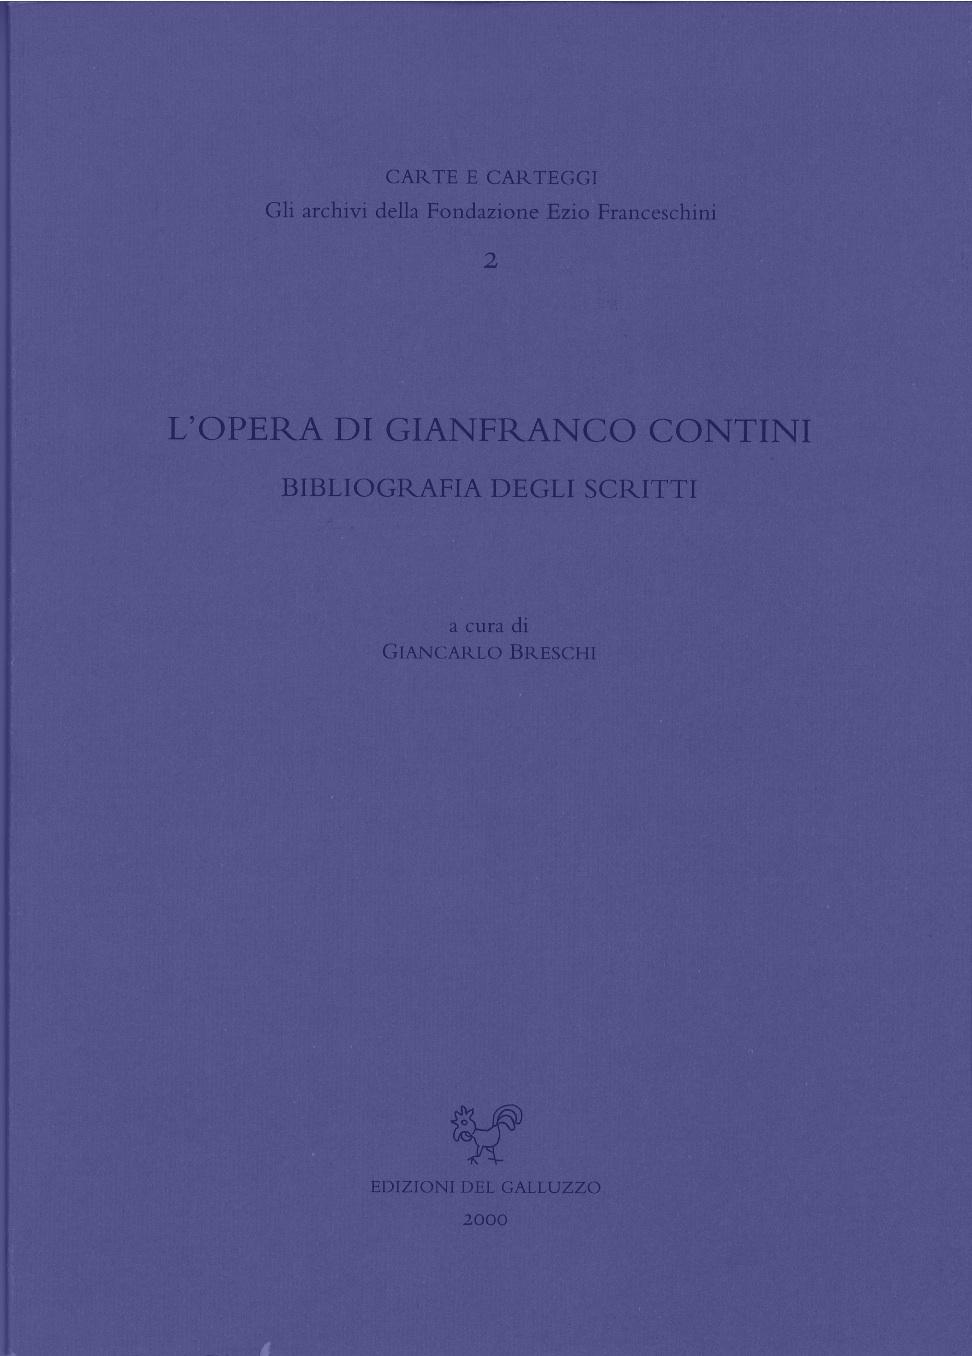 L' opera di Gianfranco Contini